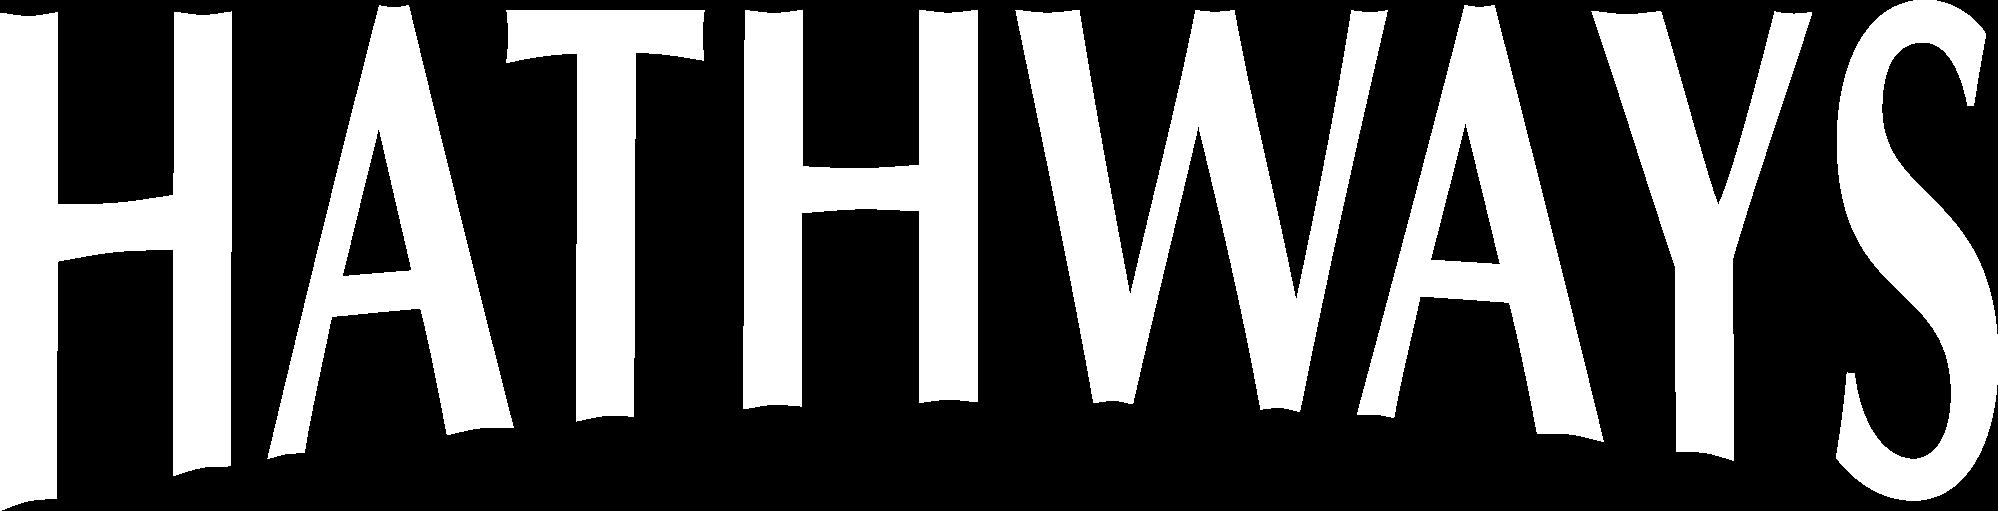 Hathways